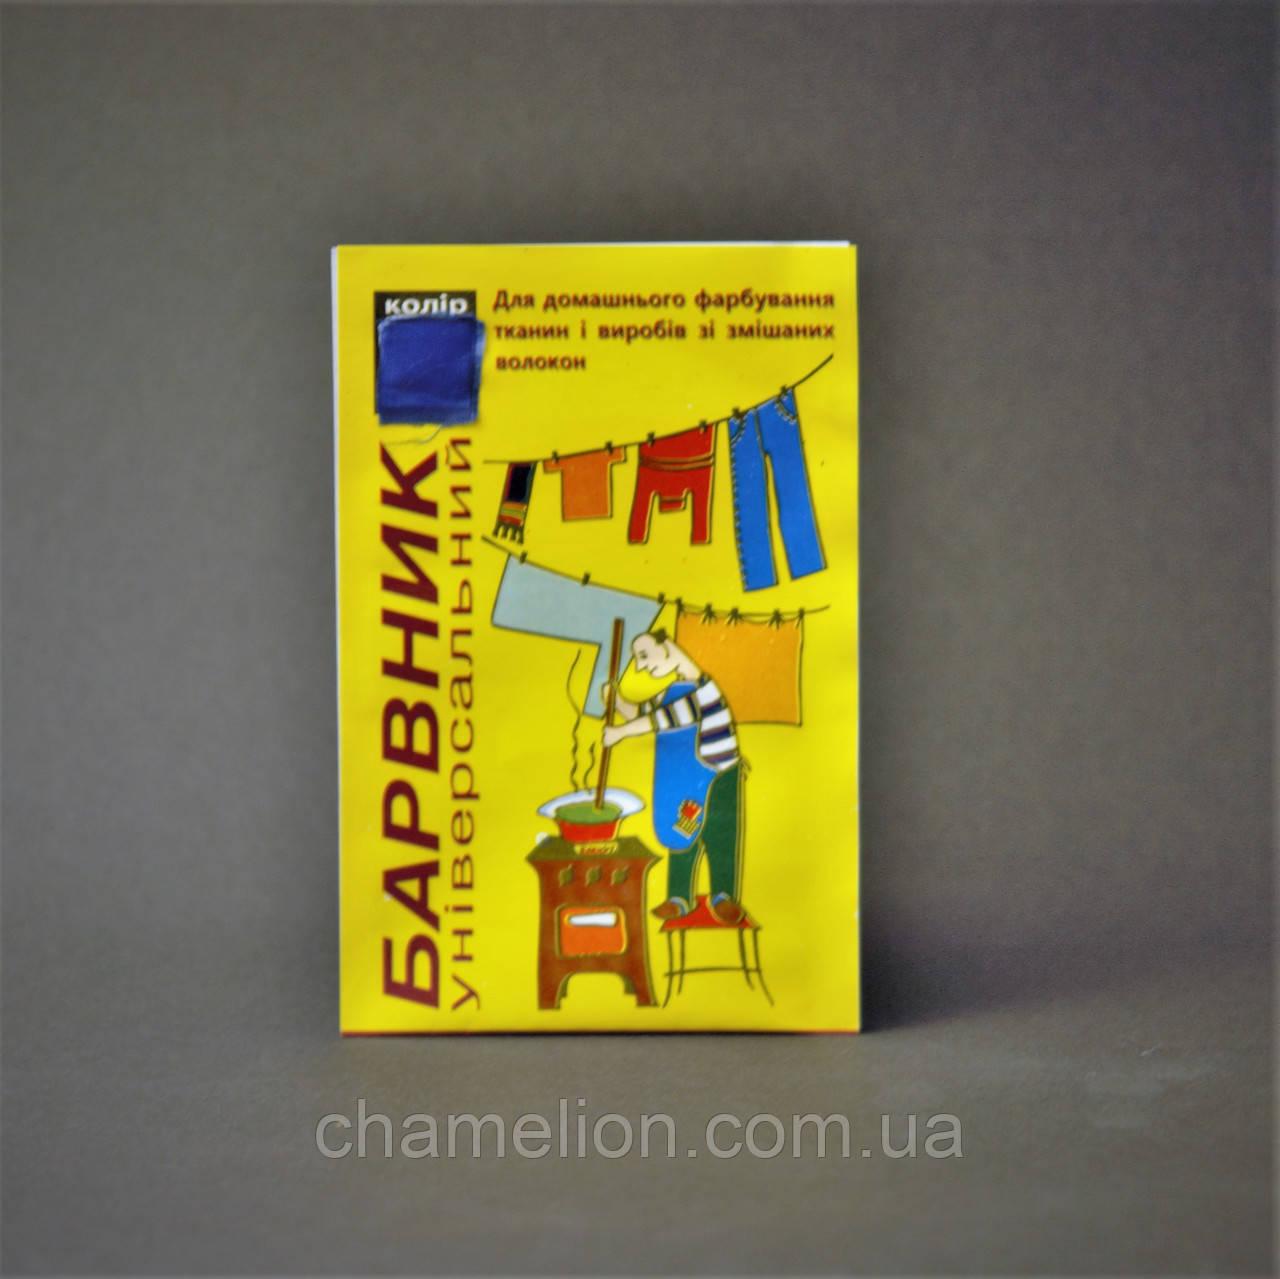 Синій аніліновий барвник для тканини (Синий анилиновый краситель для ткани)